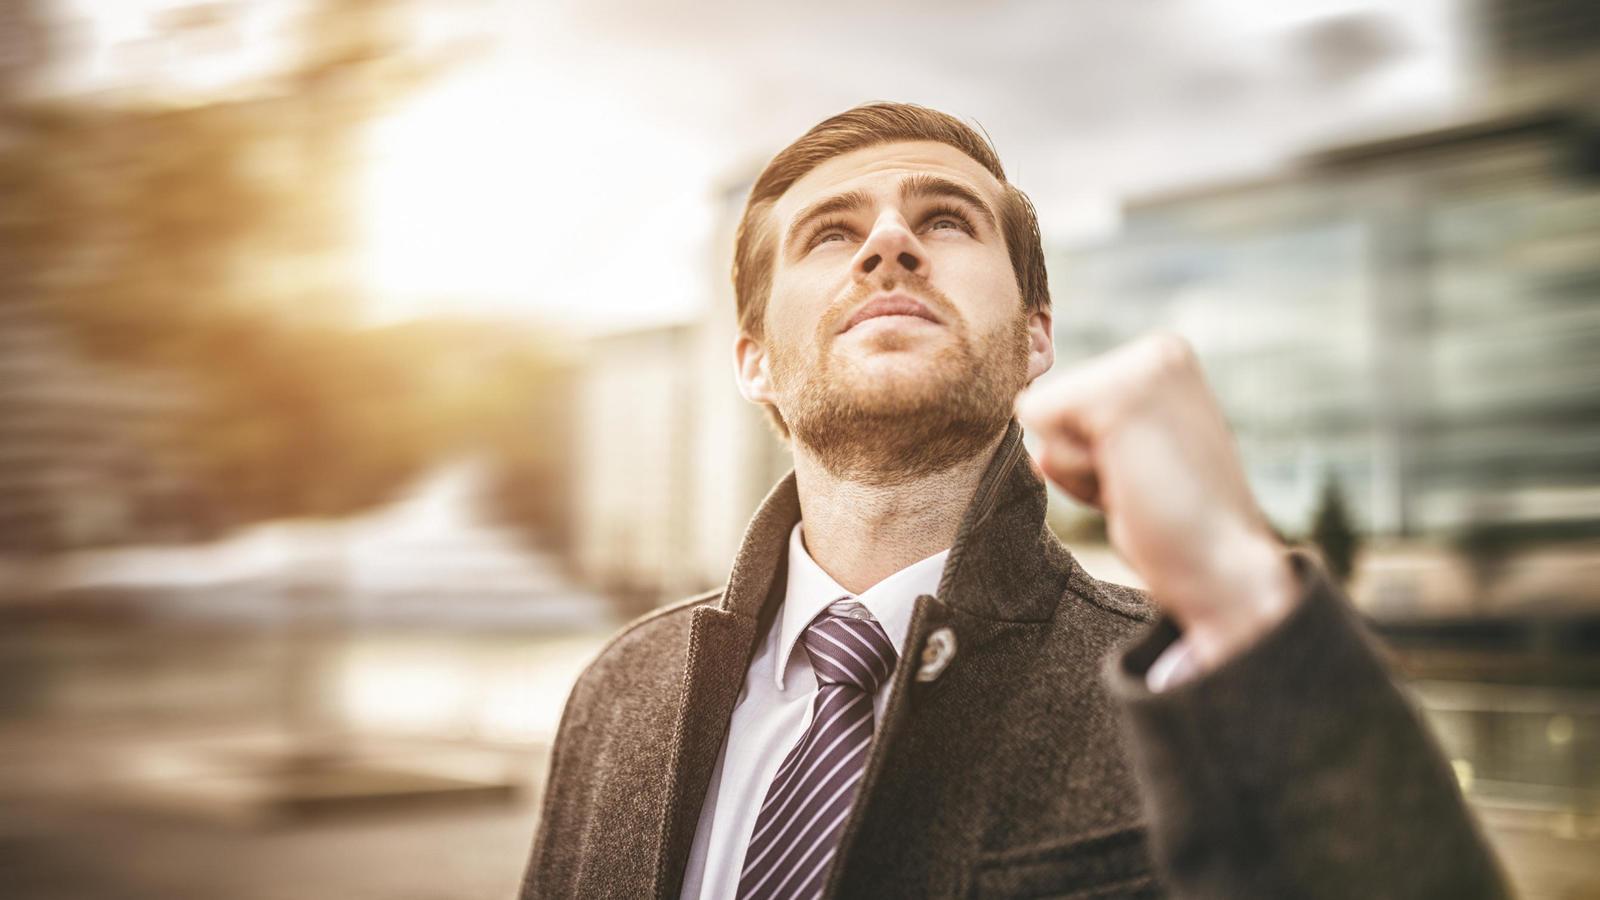 ser una persona exitosa, cómo ser una persona exitosa, alcanzar el éxito, tener un trabajo exitoso, conseguir trabajo, encontrar trabajo